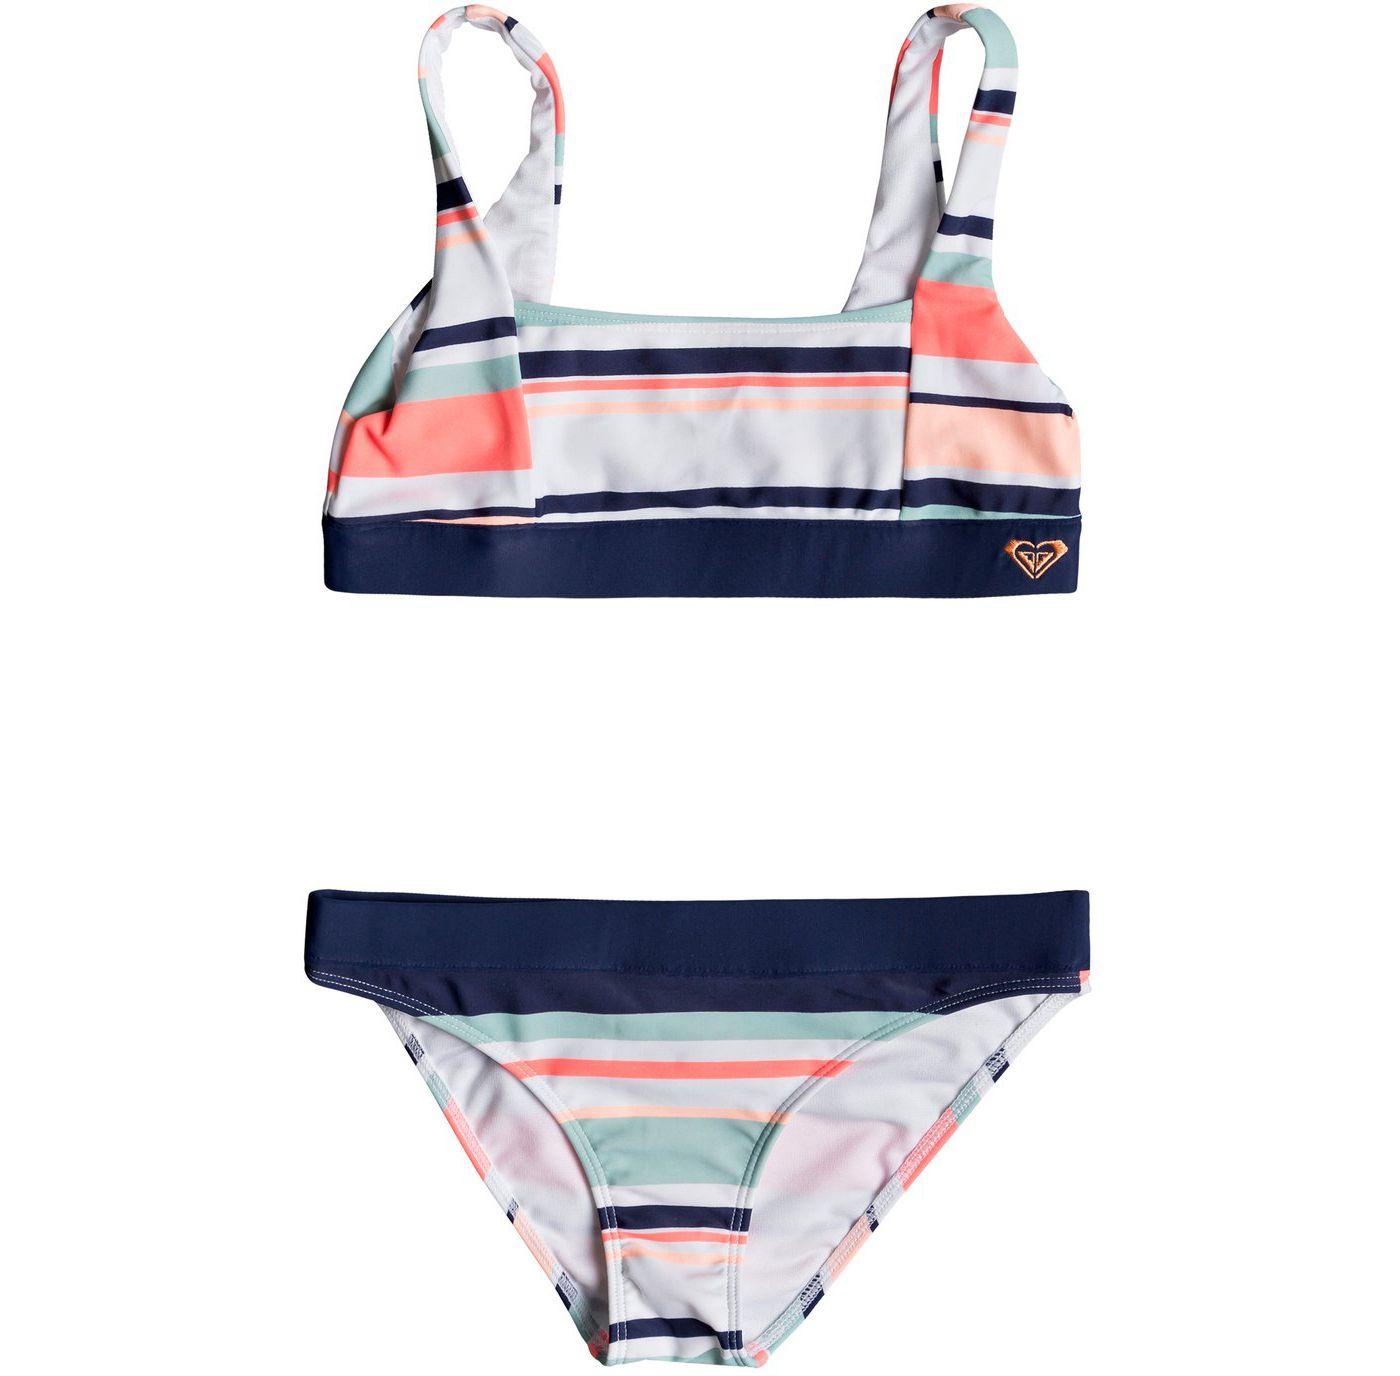 Roxy Girls' Happy Spring Bikini Set